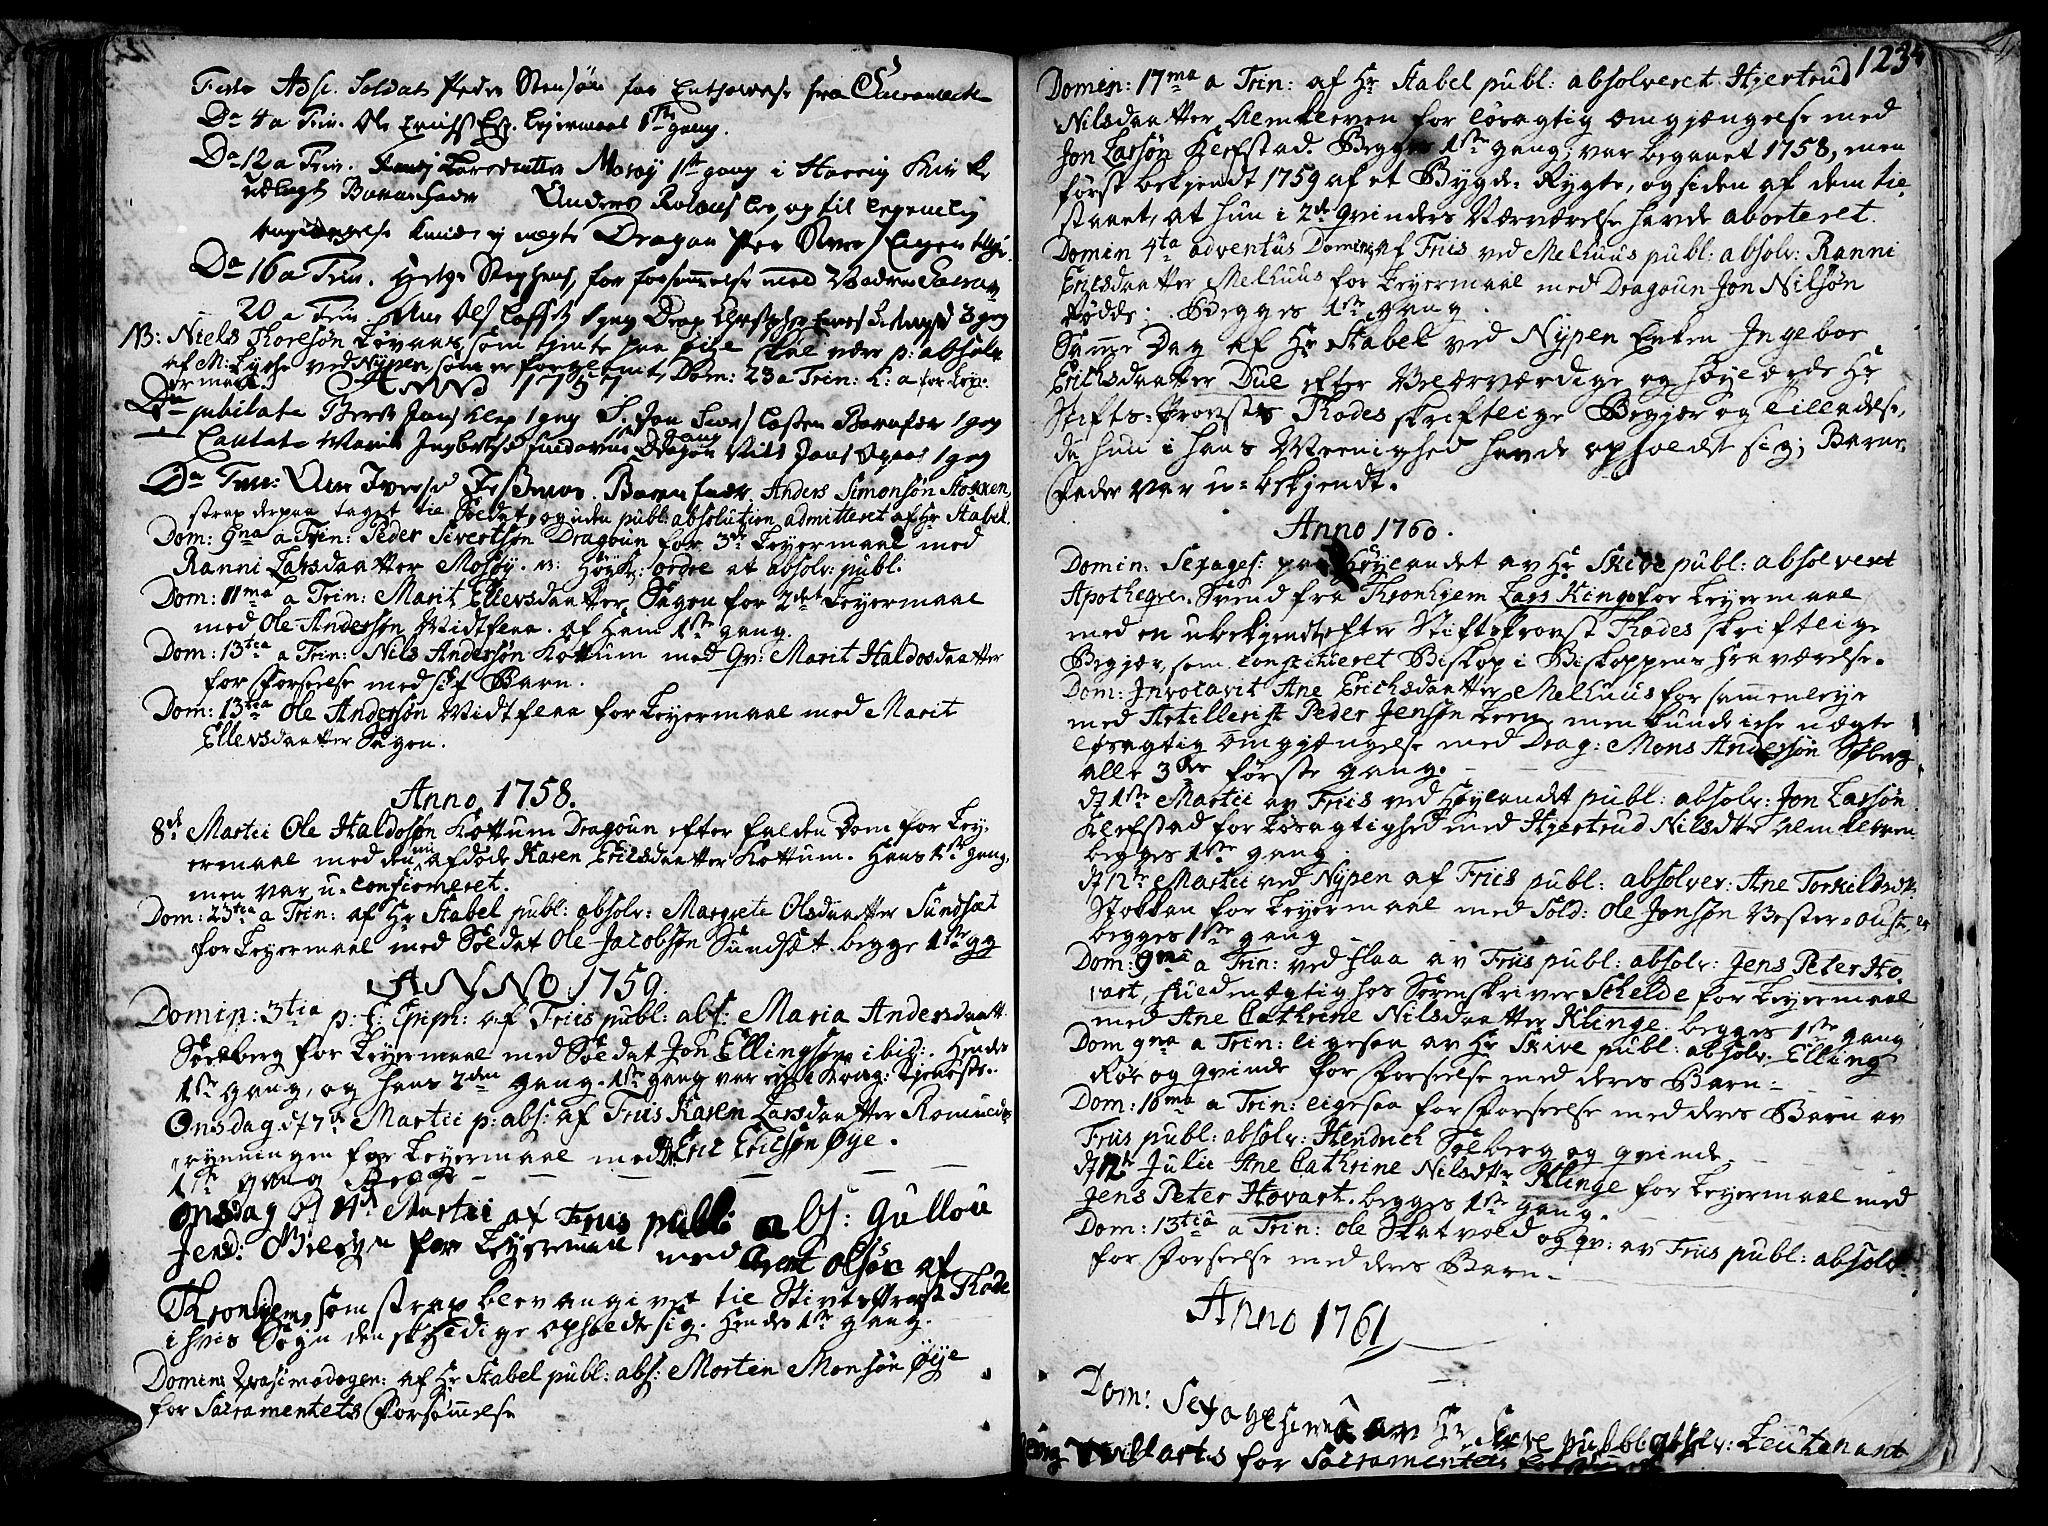 SAT, Ministerialprotokoller, klokkerbøker og fødselsregistre - Sør-Trøndelag, 691/L1057: Ministerialbok nr. 691A01 /1, 1740-1767, s. 123